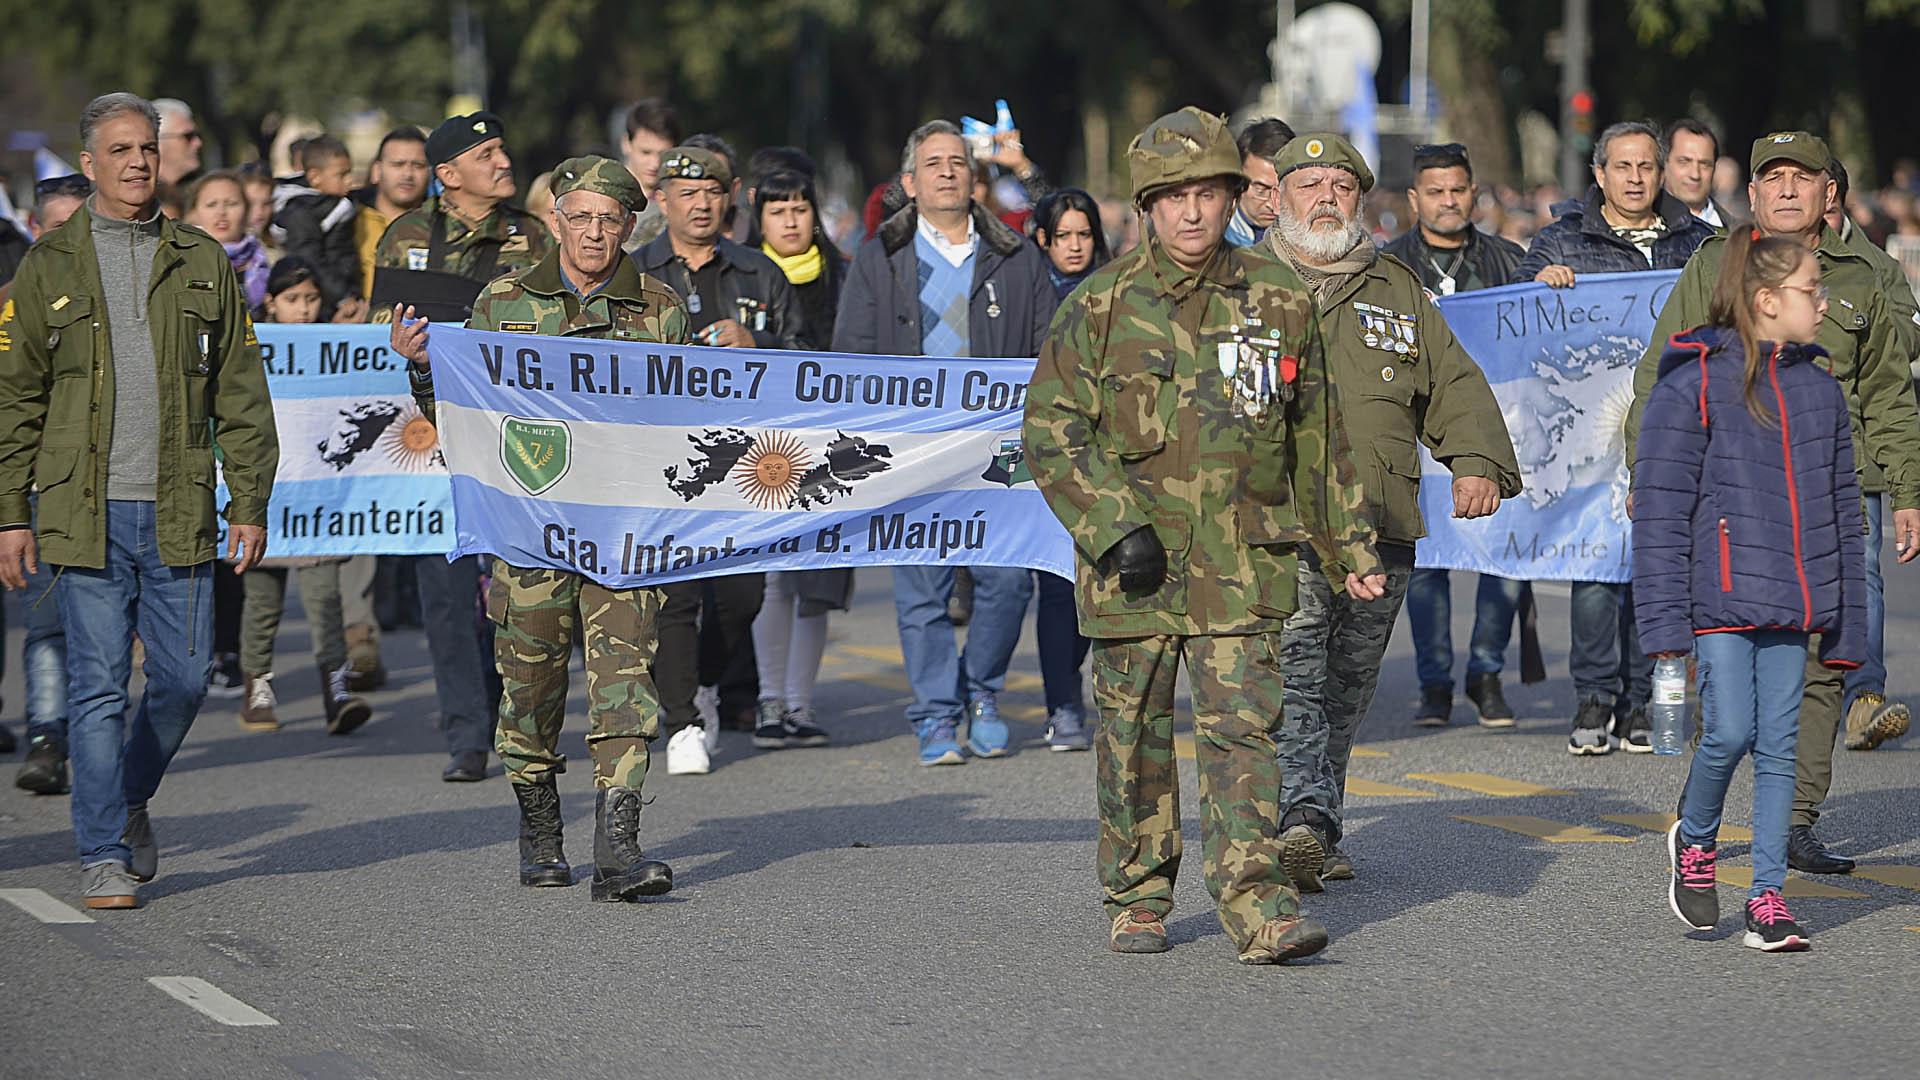 Los veteranos de Malvinas marcharon con sus antiguos uniformes y sus condecoraciones